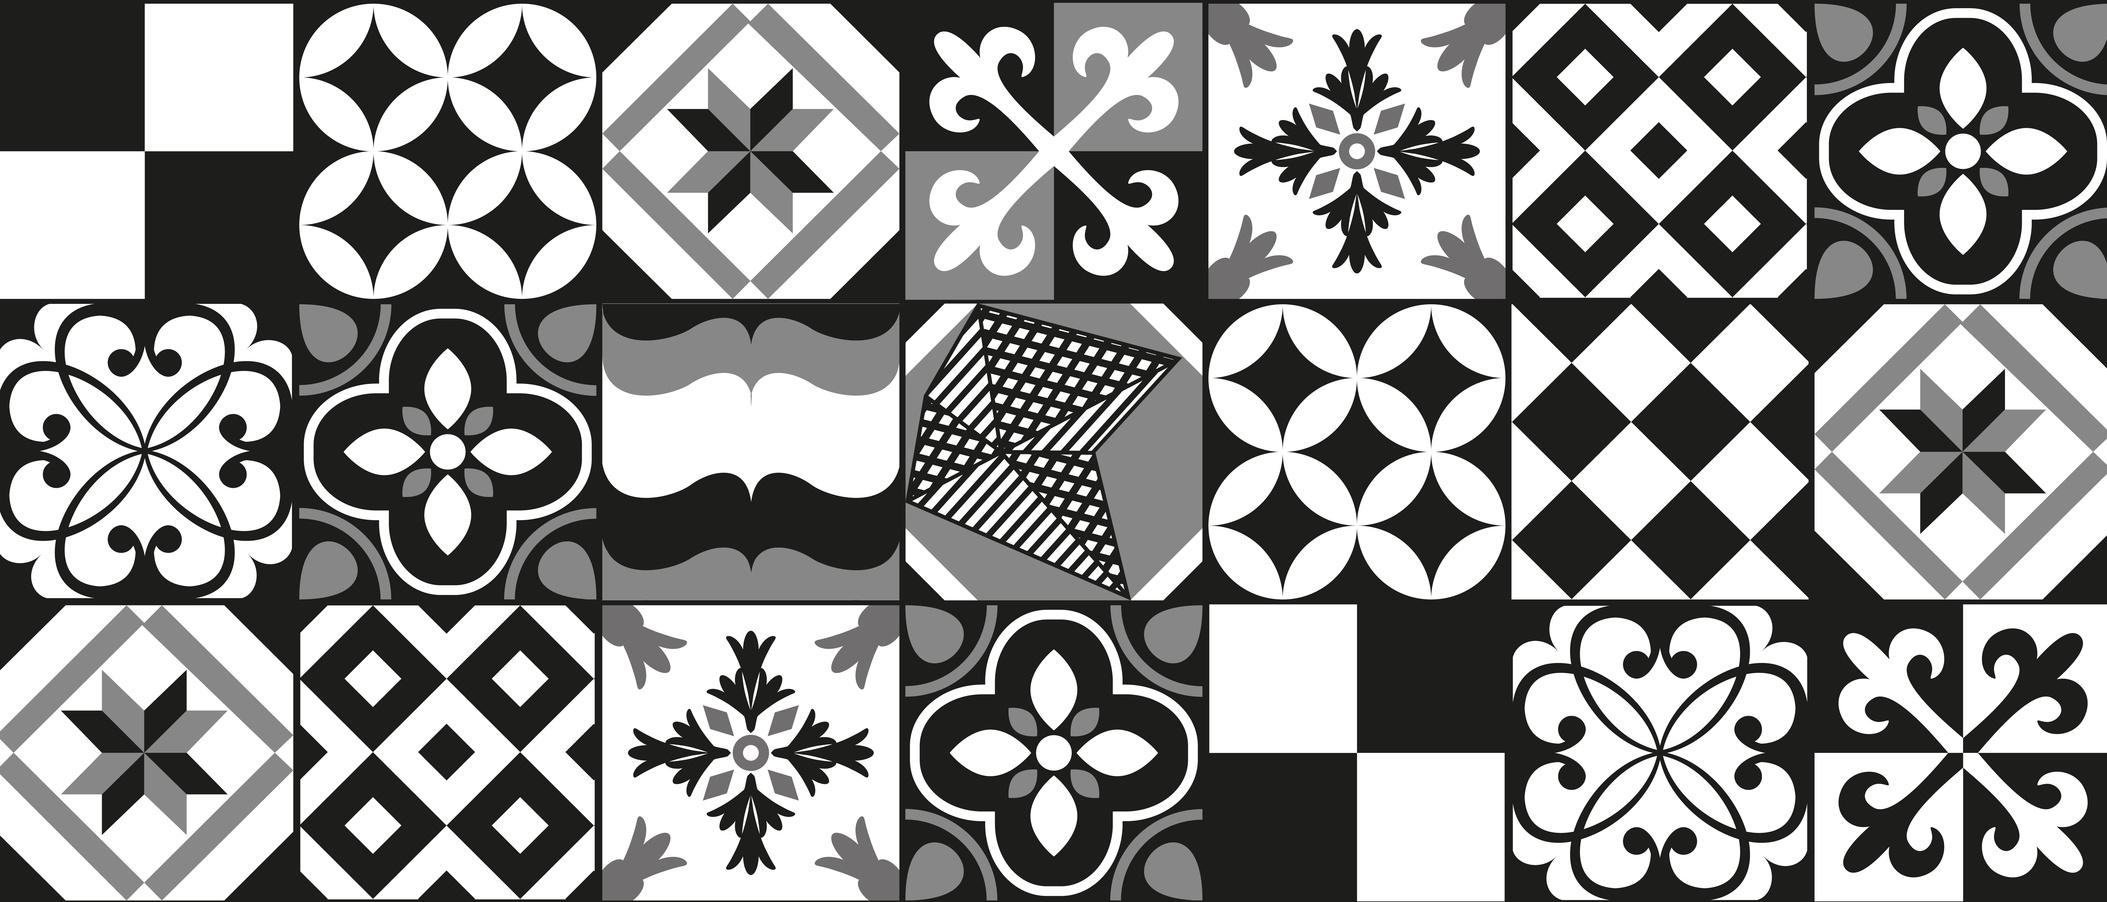 comment faire partir des taches incrust es dans des carreaux de ciment. Black Bedroom Furniture Sets. Home Design Ideas